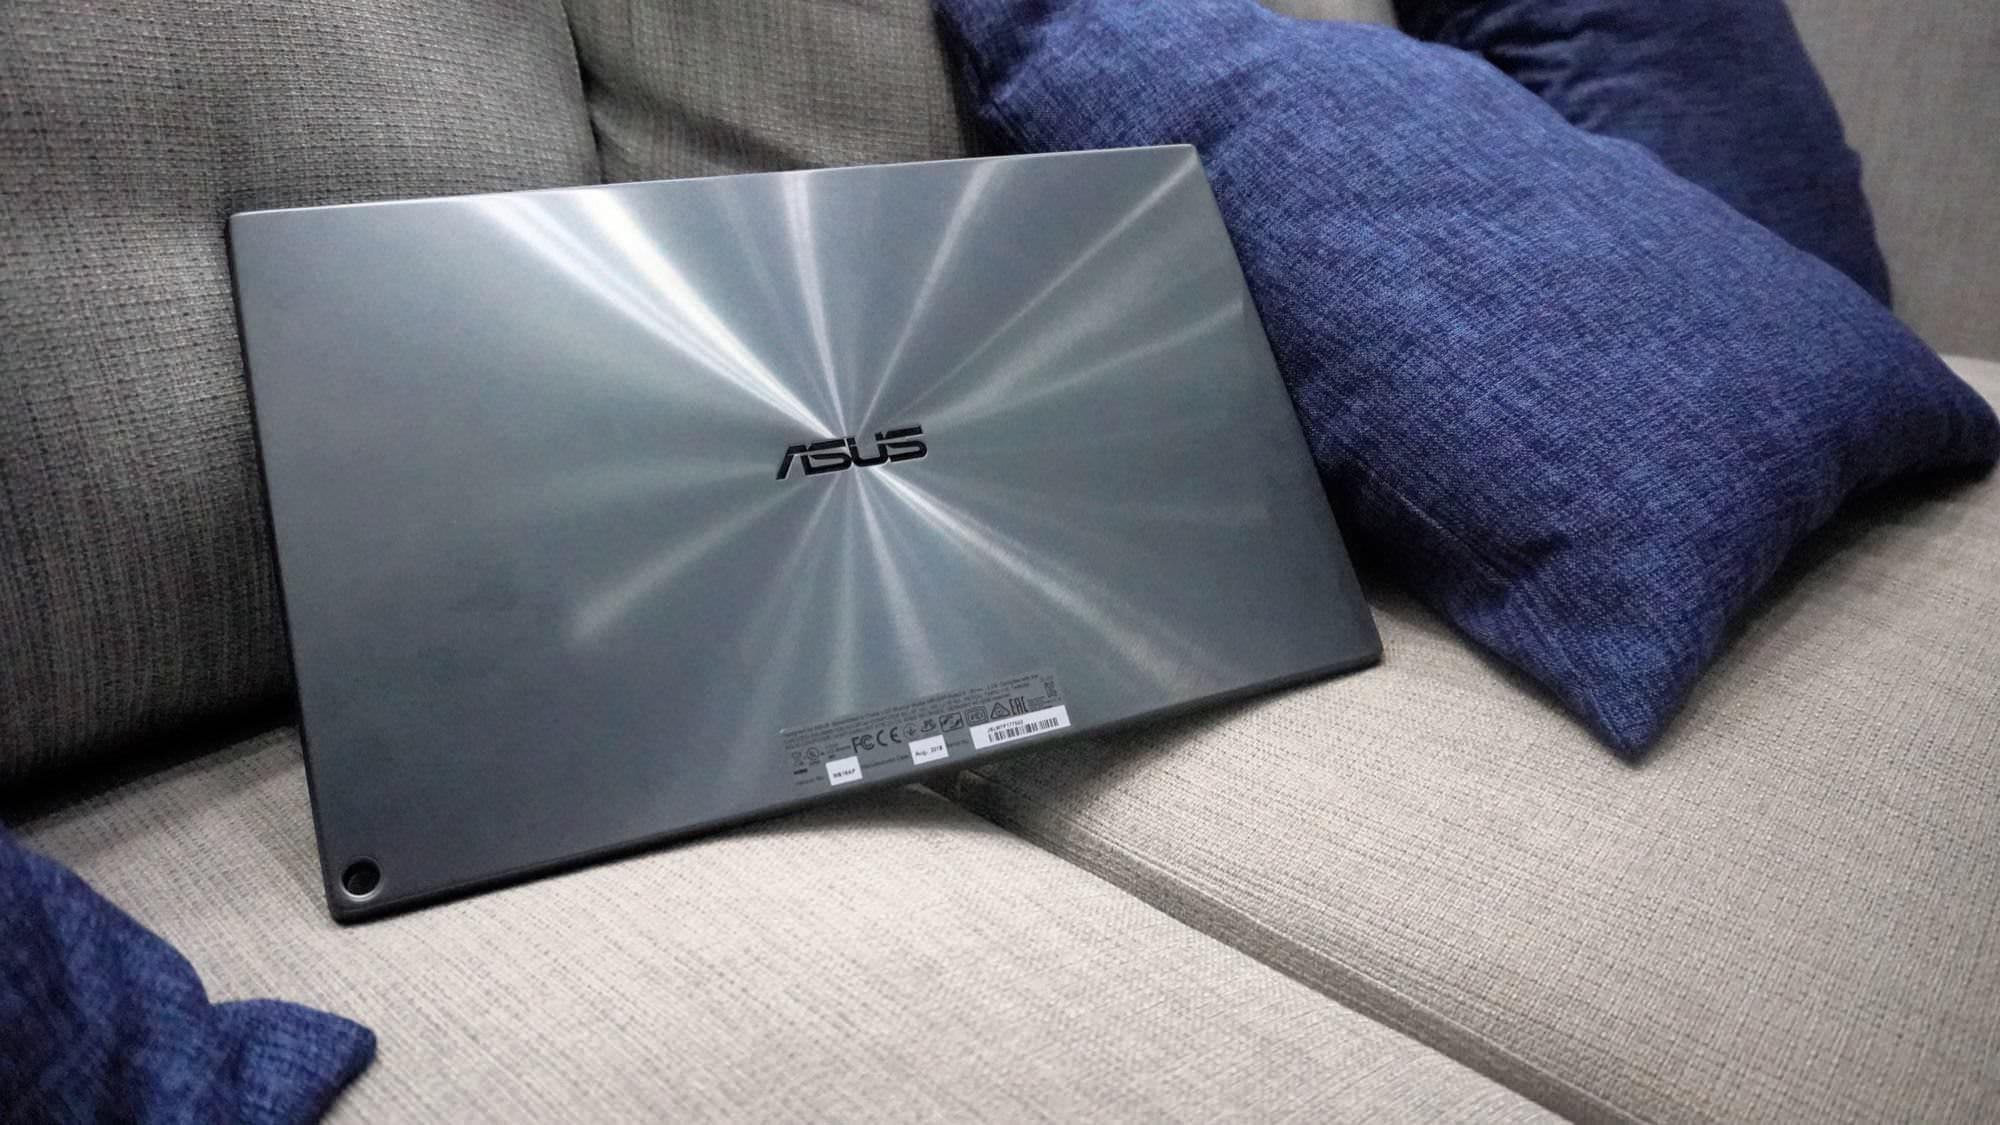 รีวิว ASUS ZenScreen Go หน้าจอพกพาขนาด 15 นิ้ว 6